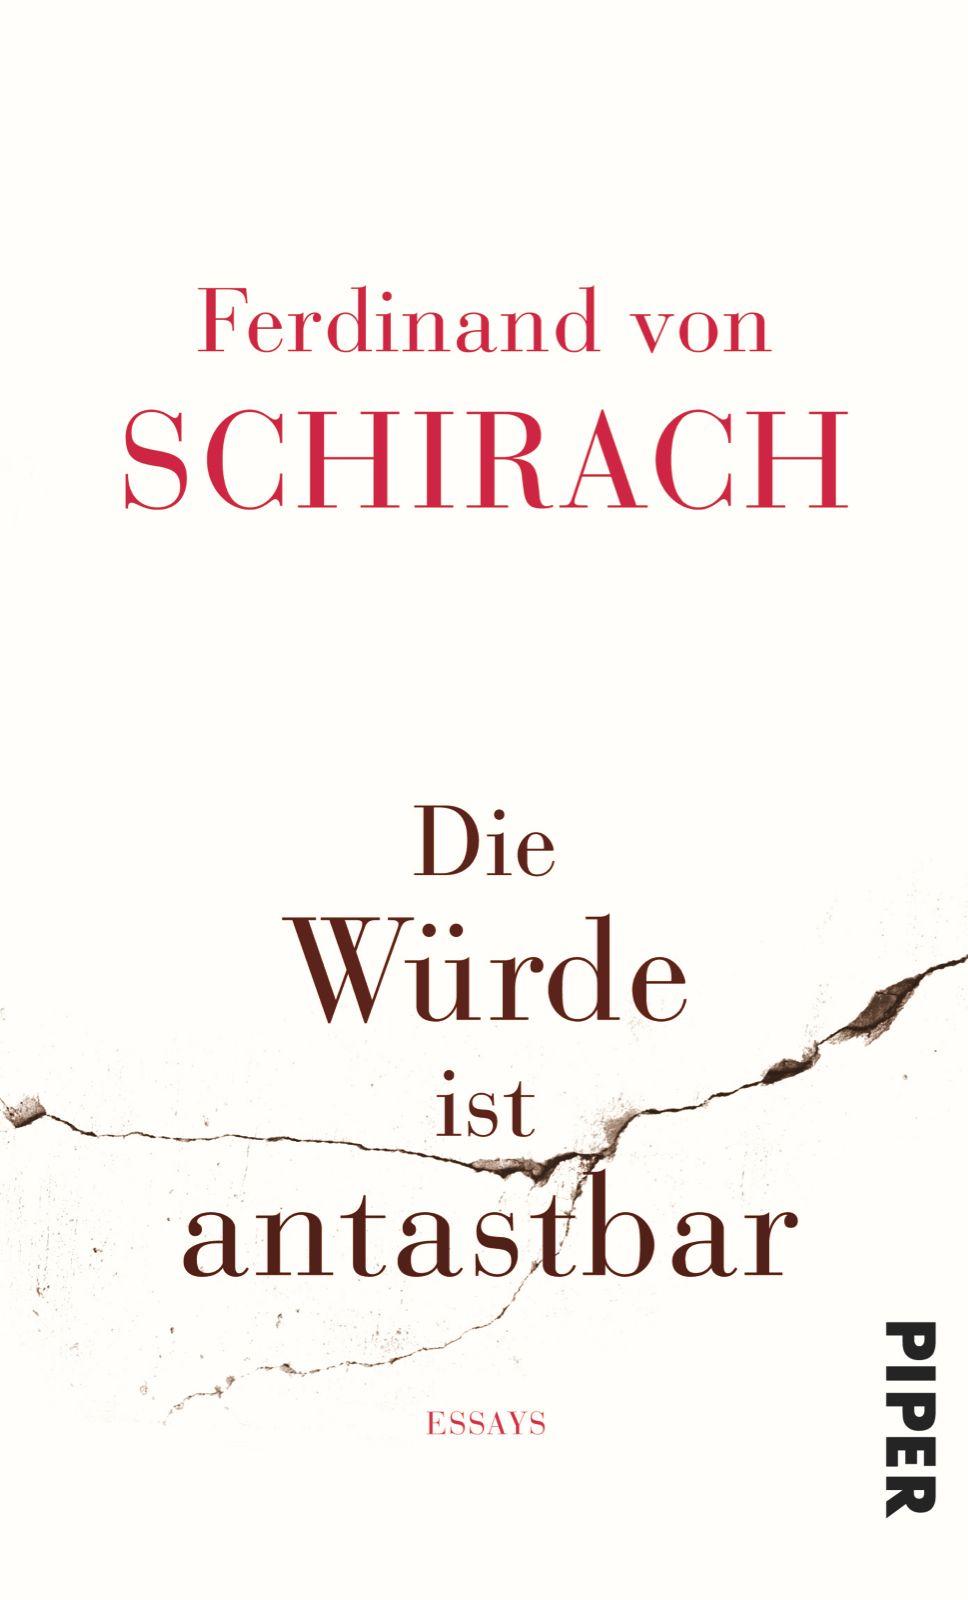 Die Wurde Ist Antastbar Essays Von Ferdinand Von Schirach Bucher Lesen Bucher Ferdinand Von Schirach